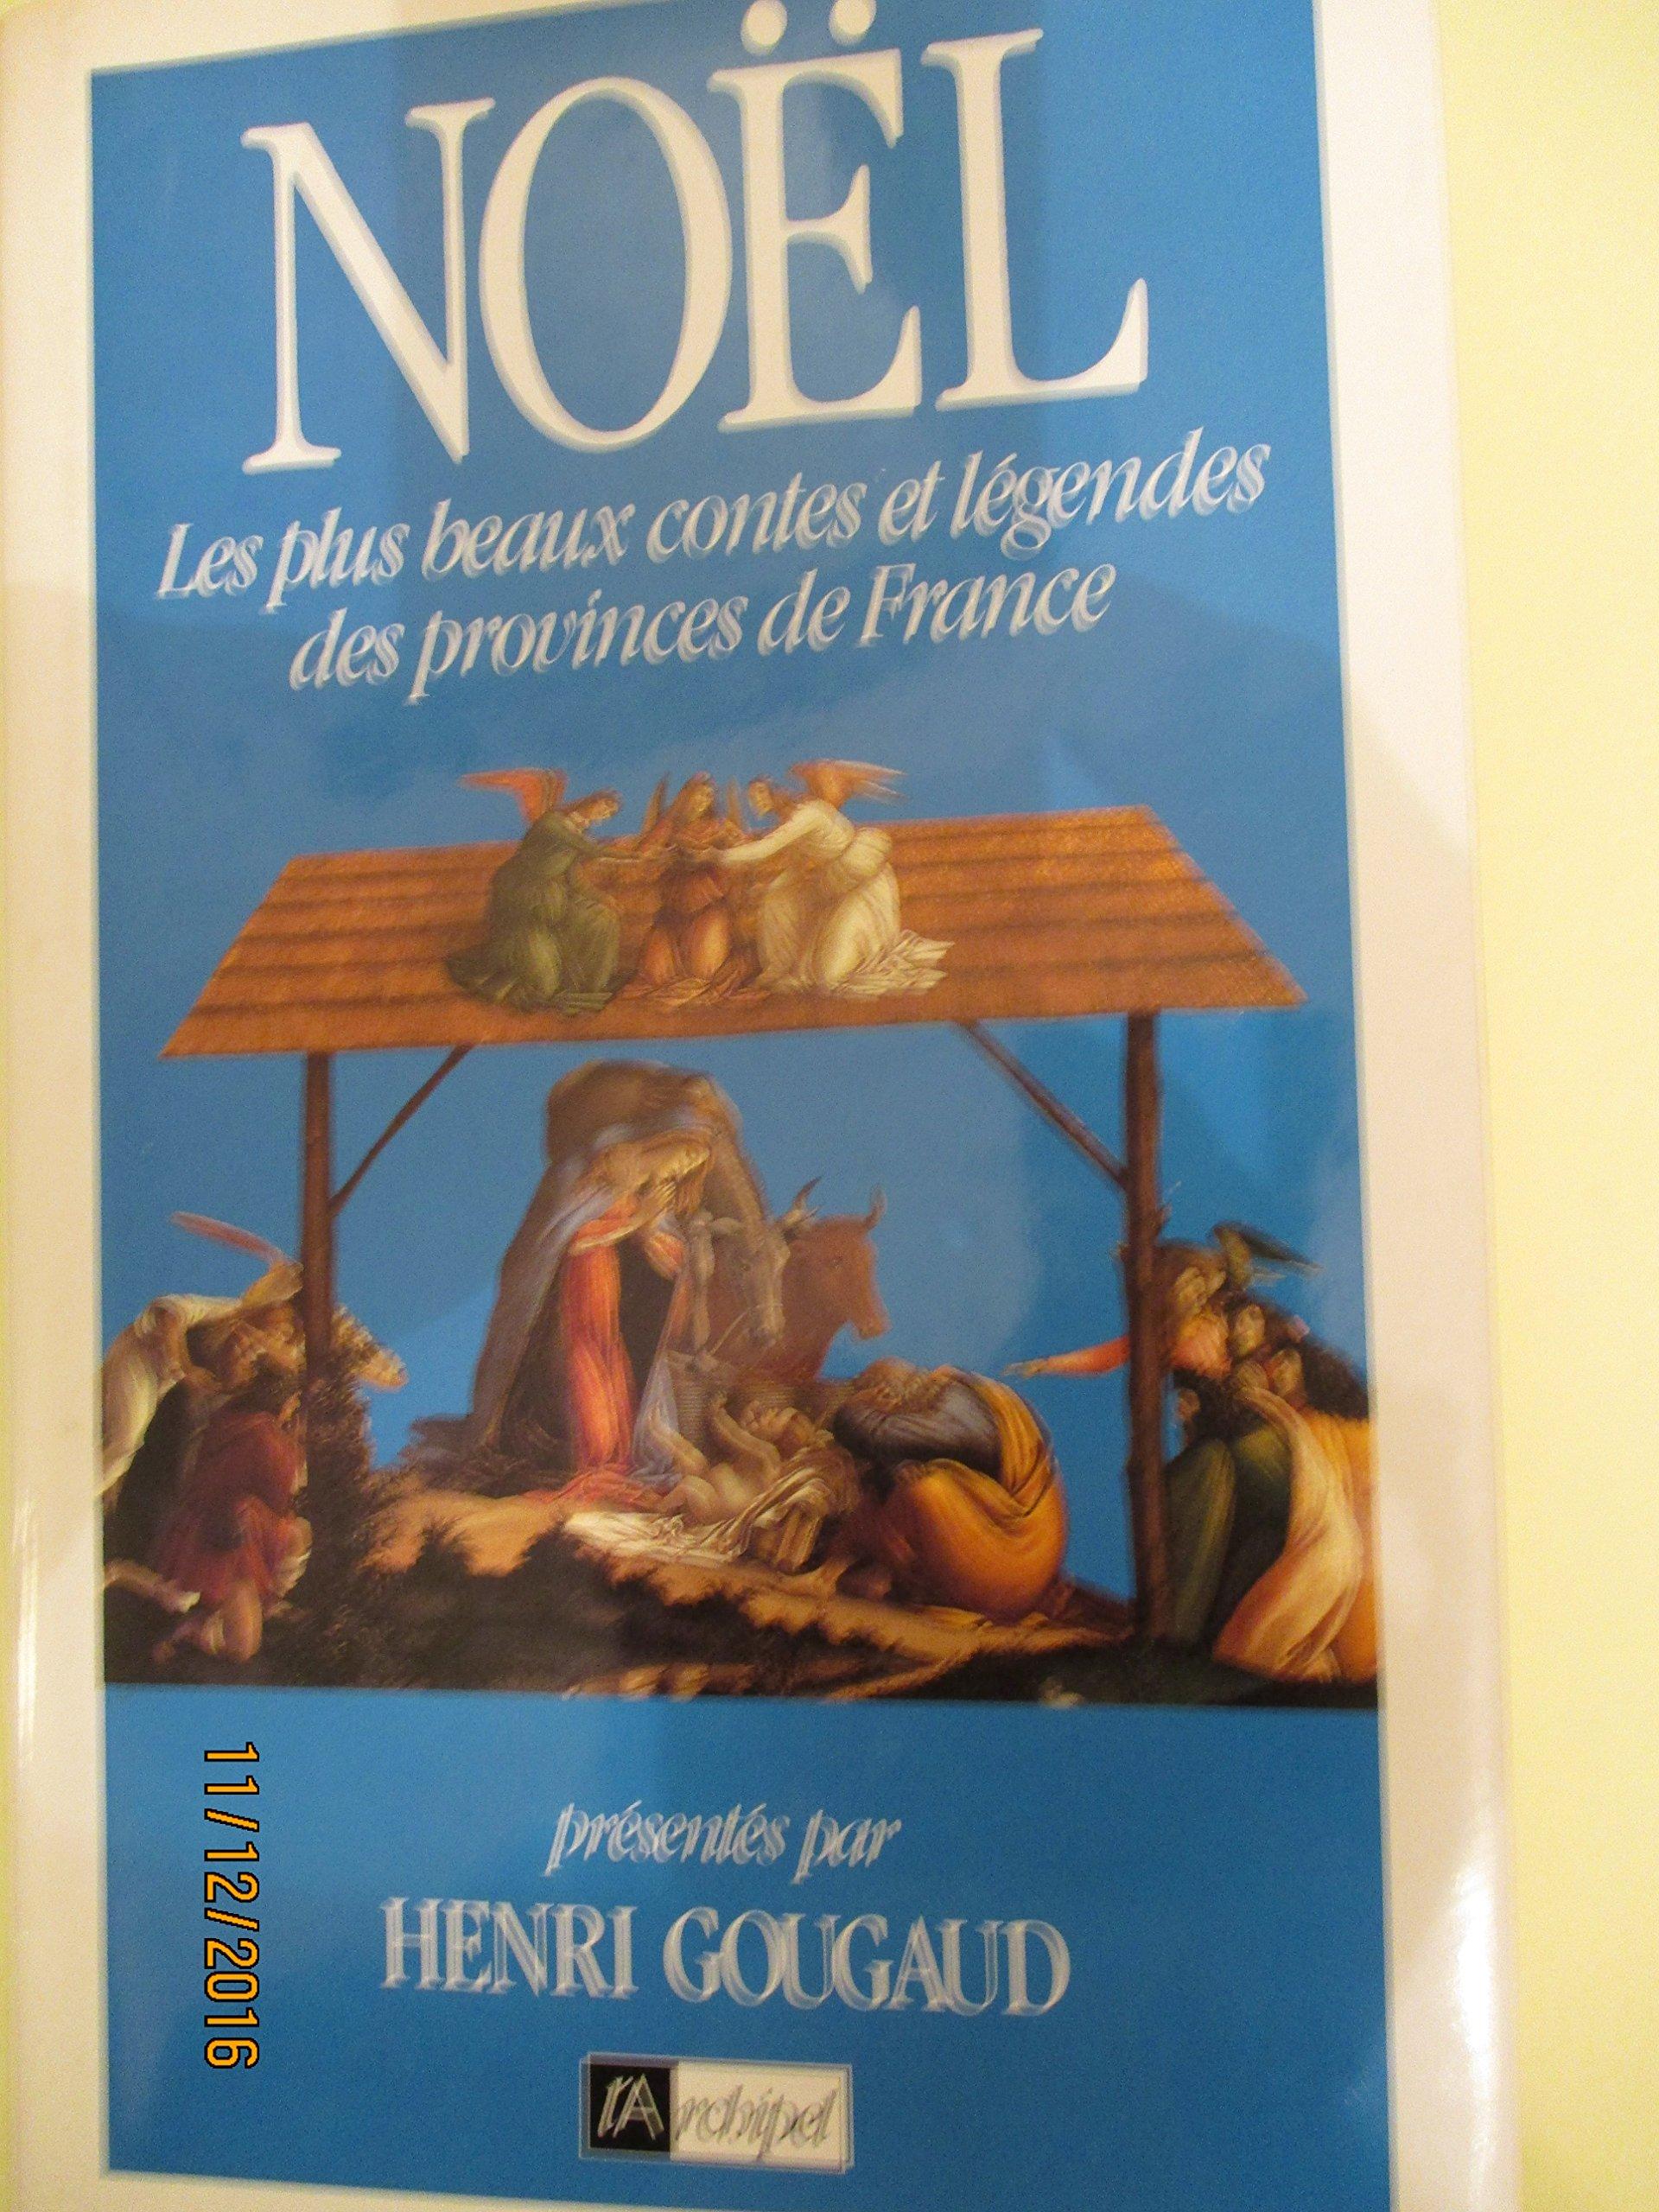 Noël : Les plus beaux contes et légendes des provinces de France (Ecr.Com.Lit.Fic)